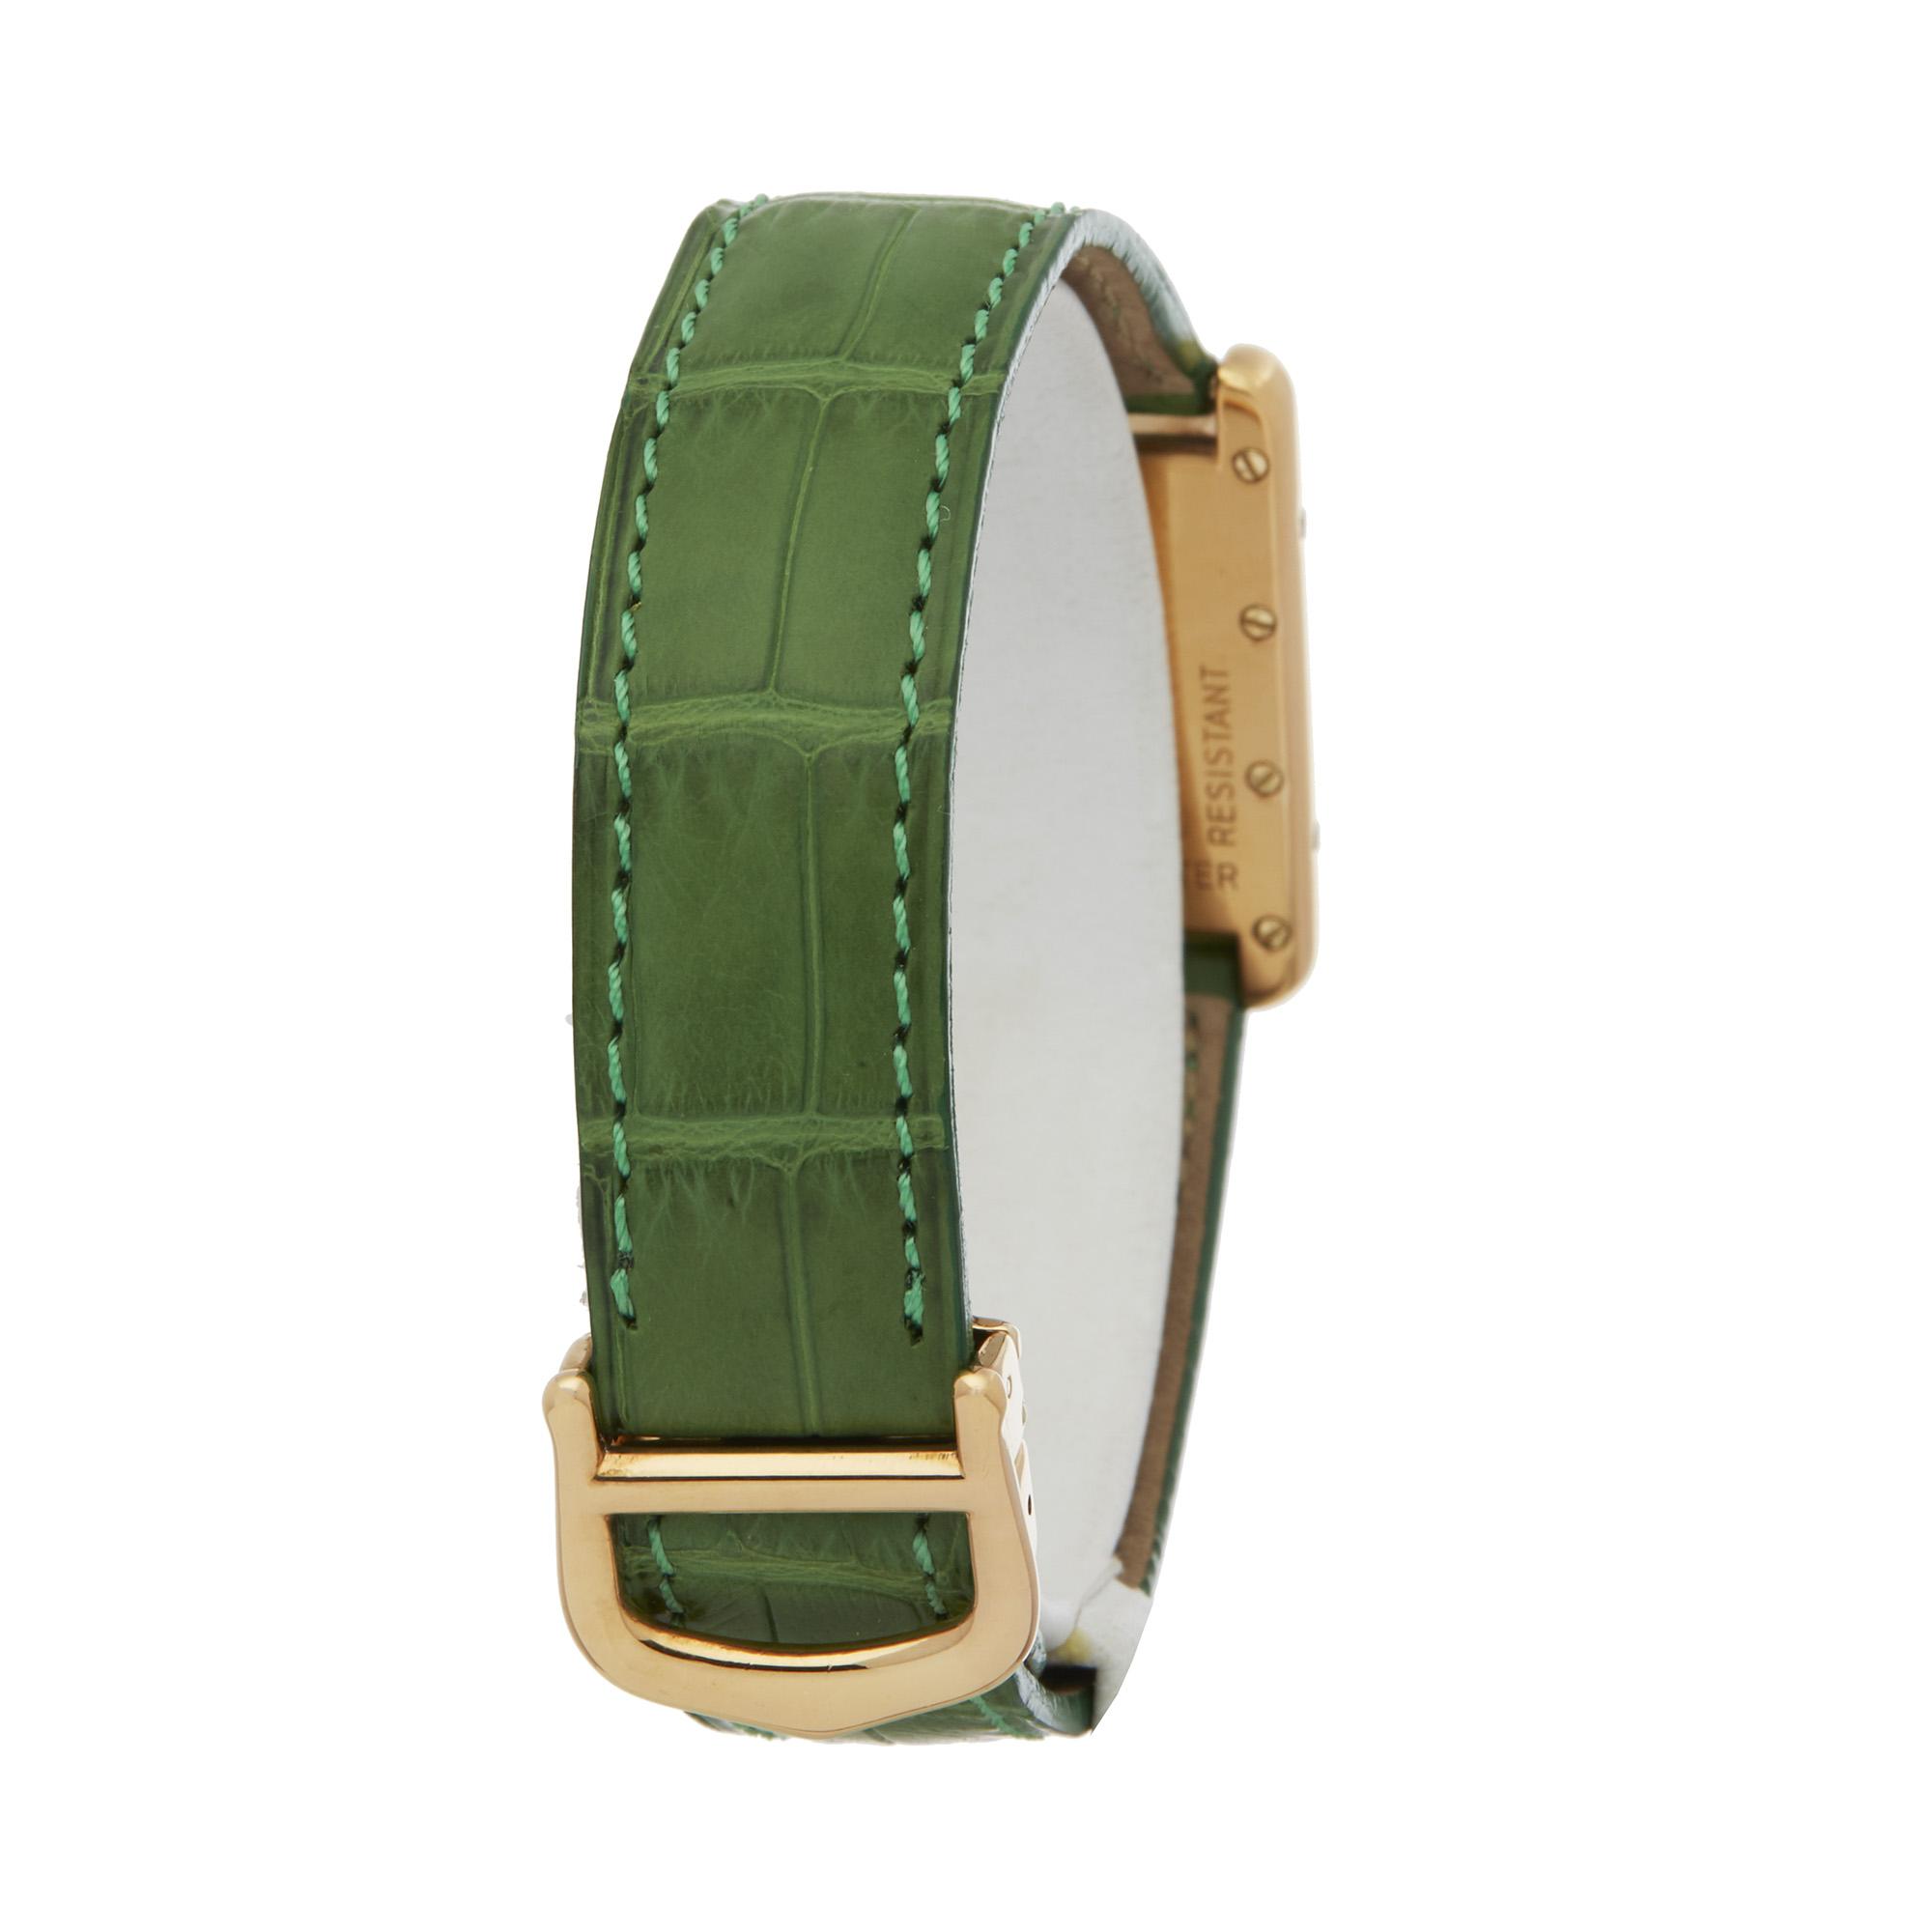 Lot 5 - Cartier Must de Cartier 2415 Men Gold Plated Watch